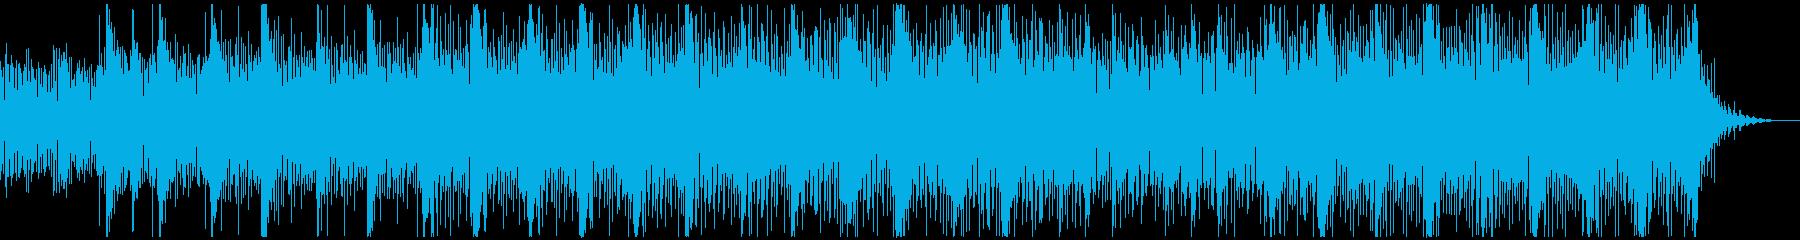 科学、分析、解説、テクスチャーの再生済みの波形